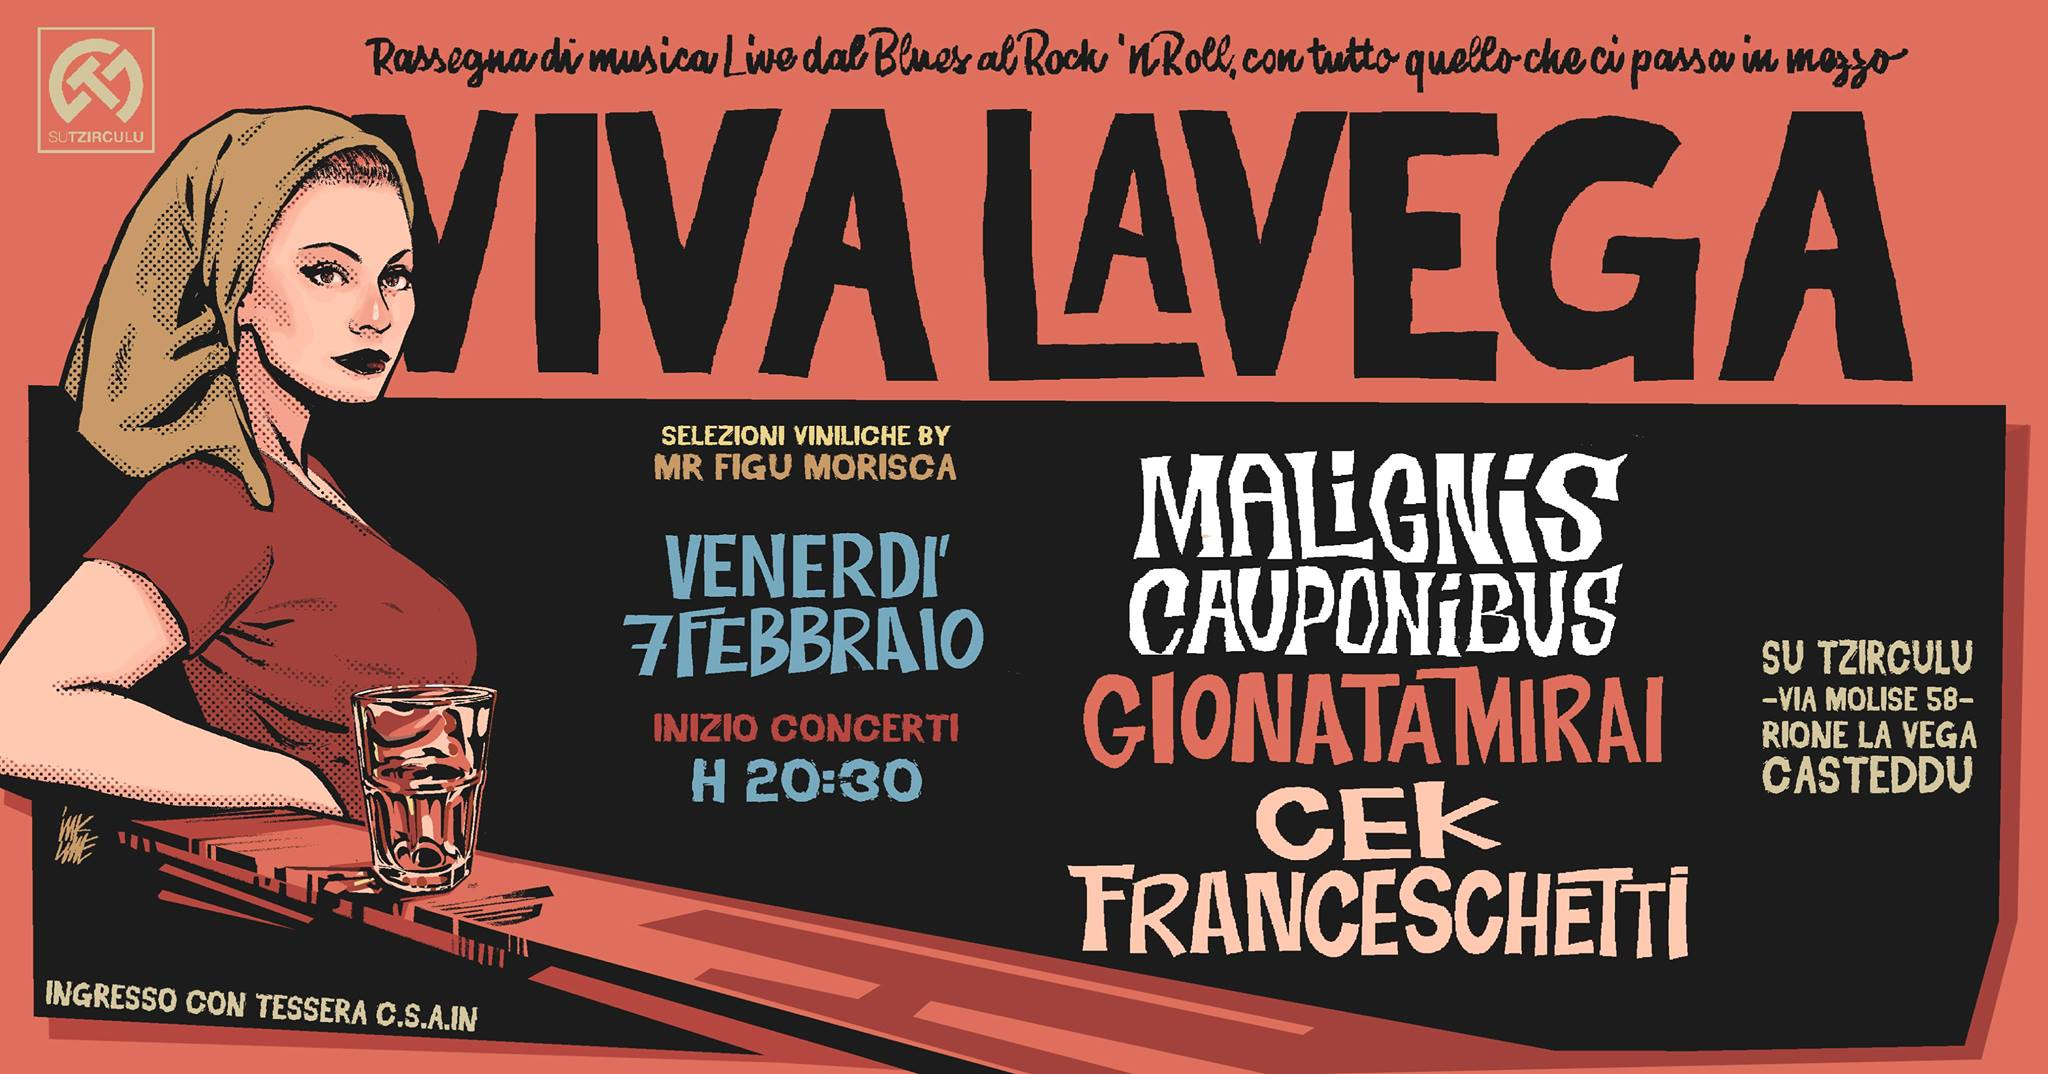 Viva La Vega - Malignis Cauponibus - Cek Franceschetti - Gionata Mirai - Su Tzirculu - Cagliari - 7 febbraio 2020 - eventi - 2020 - Sa Scena Sarda